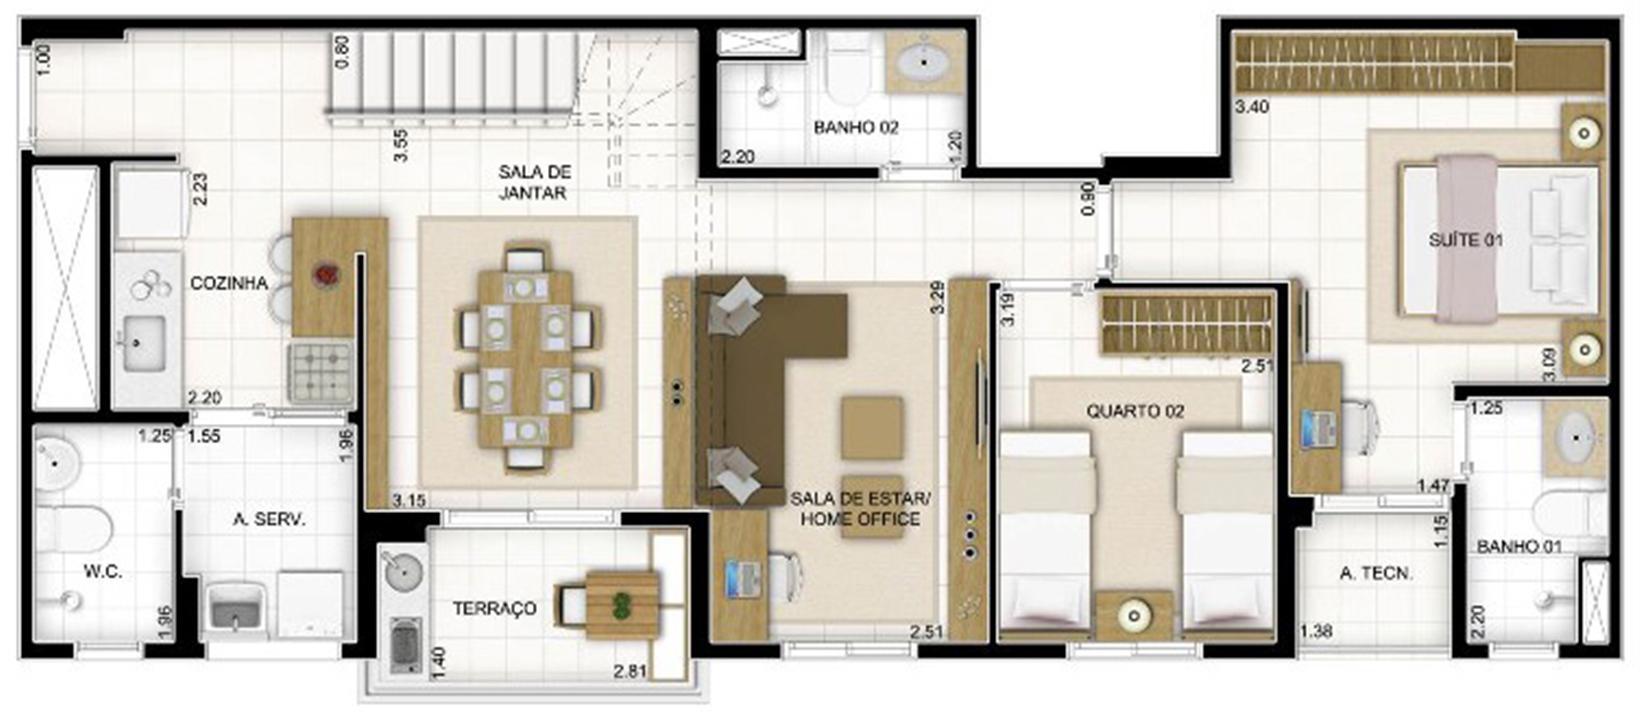 Duplex Andar Inferior 2 quartos Sala Ampliada 159 m² | Quartier Lagoa Nova – Apartamentona  Lagoa Nova - Natal - Rio Grande do Norte